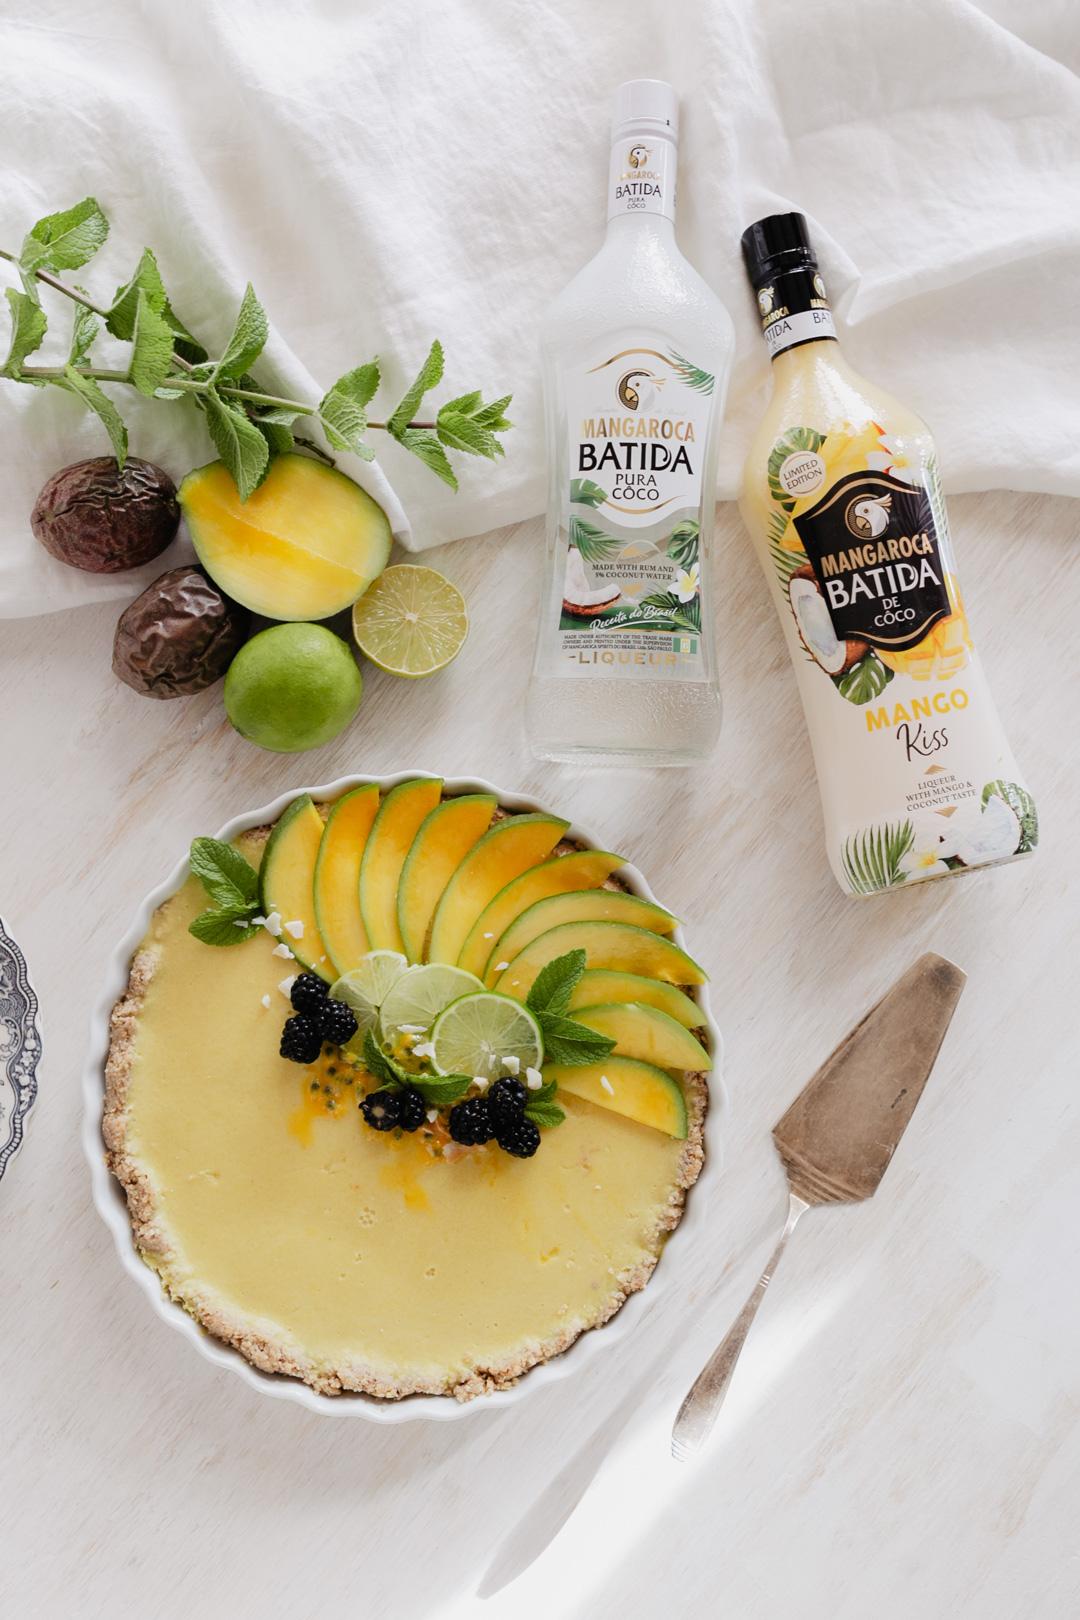 Was gibt es Erfrischenderes im Sommer, als ein Kuchen frisch aus dem Kühlschrank? In diesem Fall handelt es sich um einen No Bake Kuchen, der tropische Träume wahr werden lässt. Super einfach zu machen und tropisch lecker! Das Rezept gibt´s auf www.piecesofmariposa.com